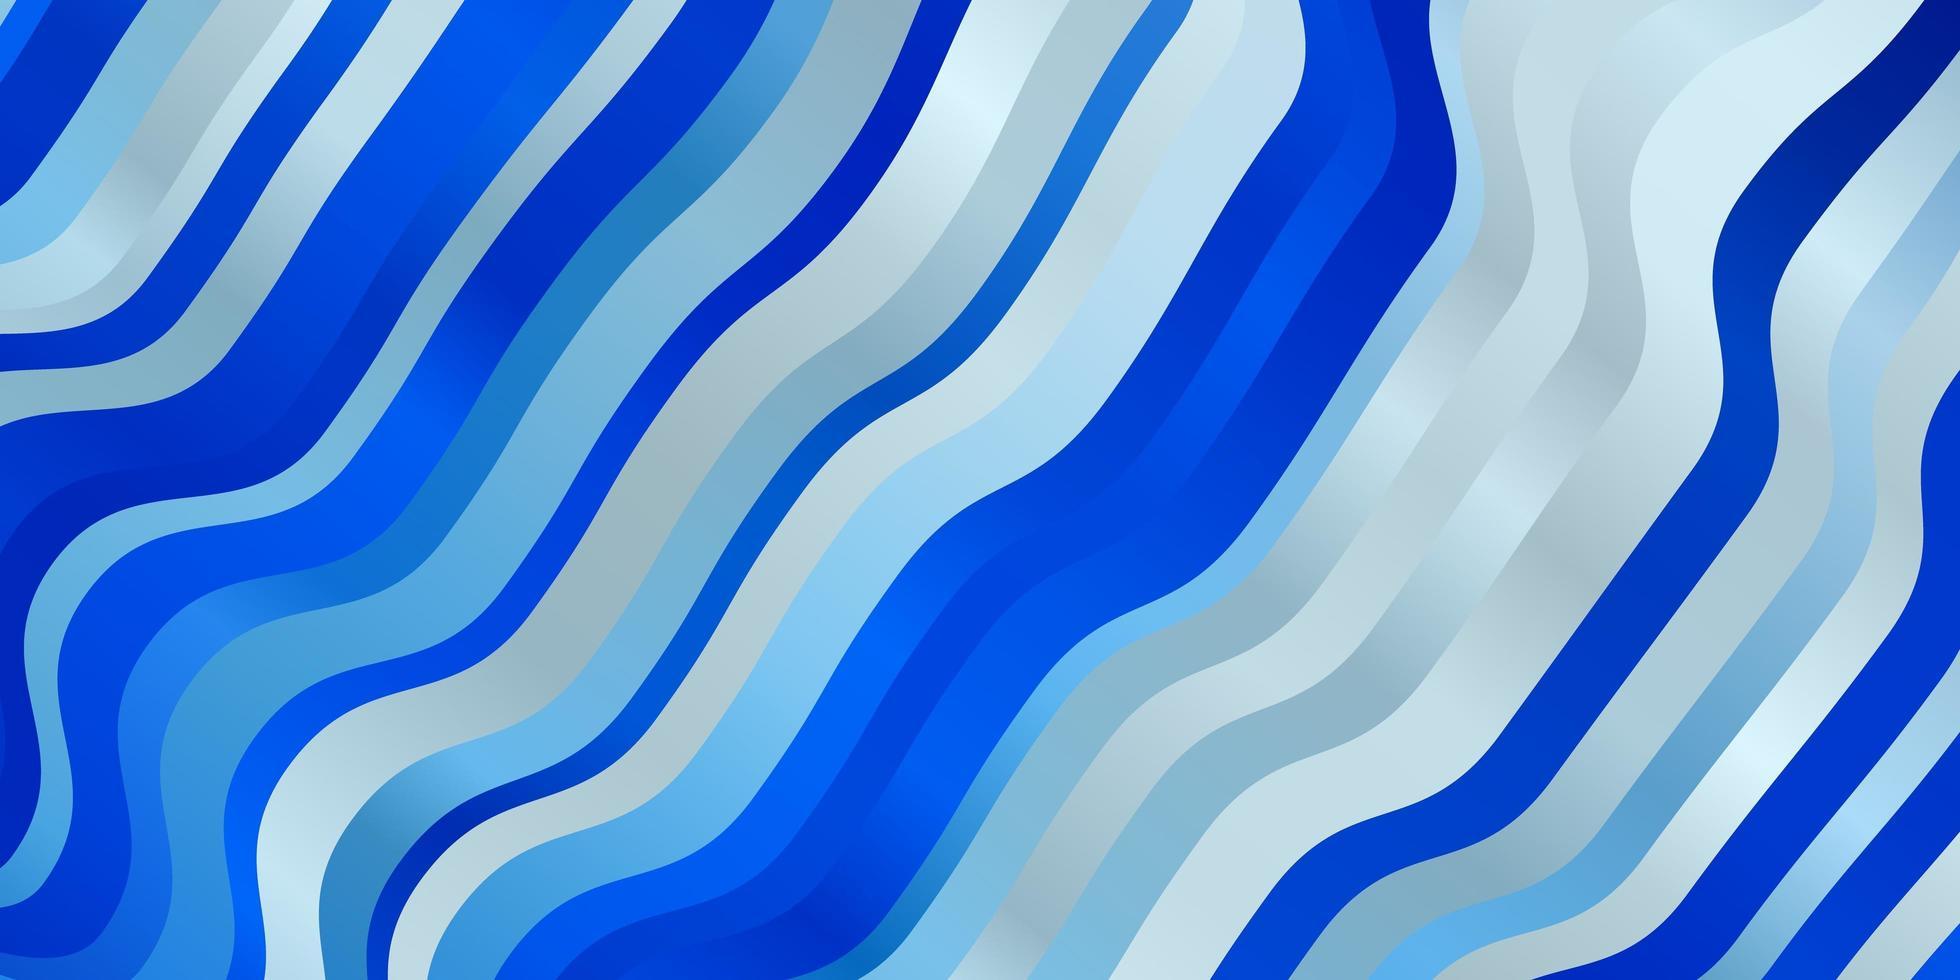 fundo vector azul claro com linhas dobradas